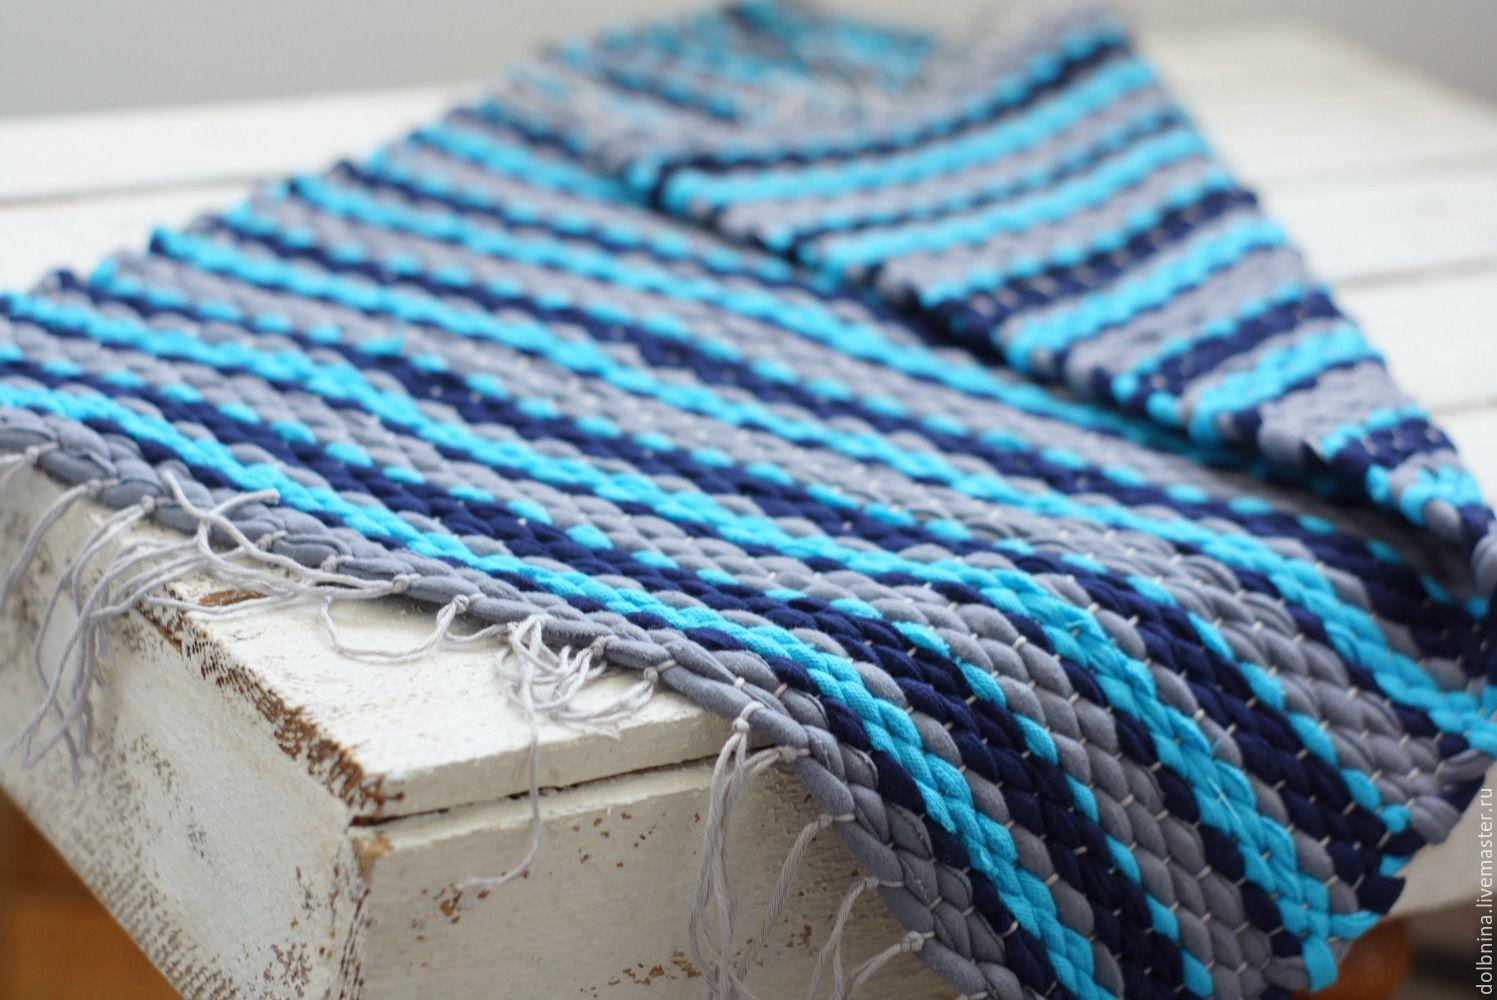 Домотканый коврик своими руками мастер класс фото 129